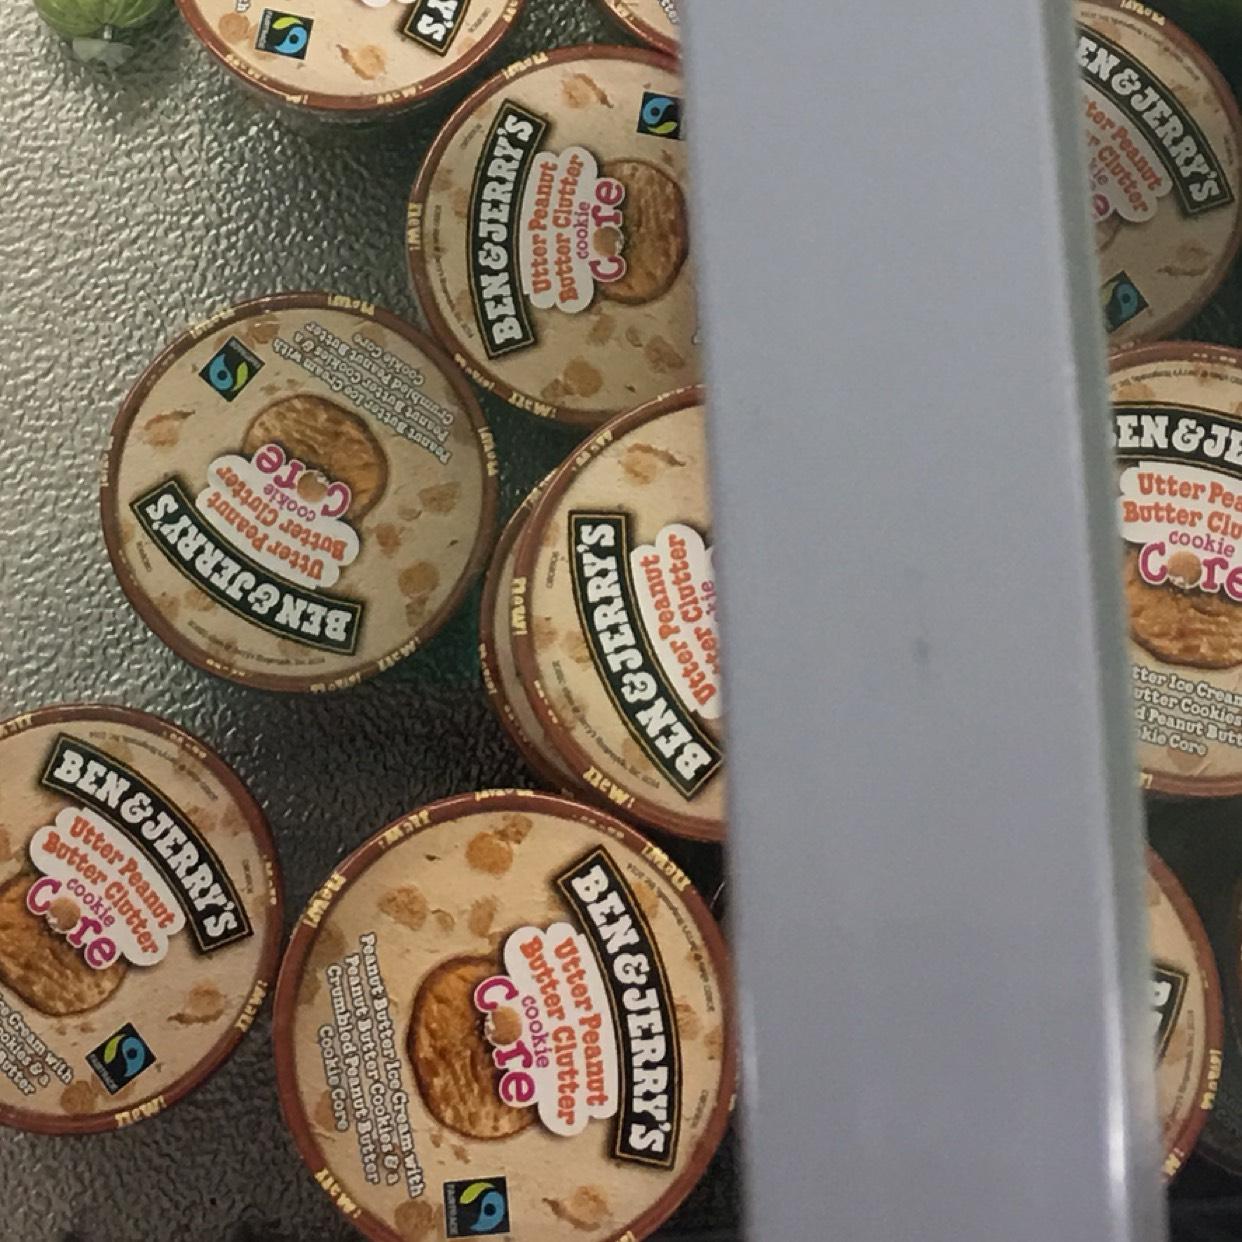 Pot de glace Ben & Jerry's - Beurre de cacahuète, Promomarché de Reims (51)